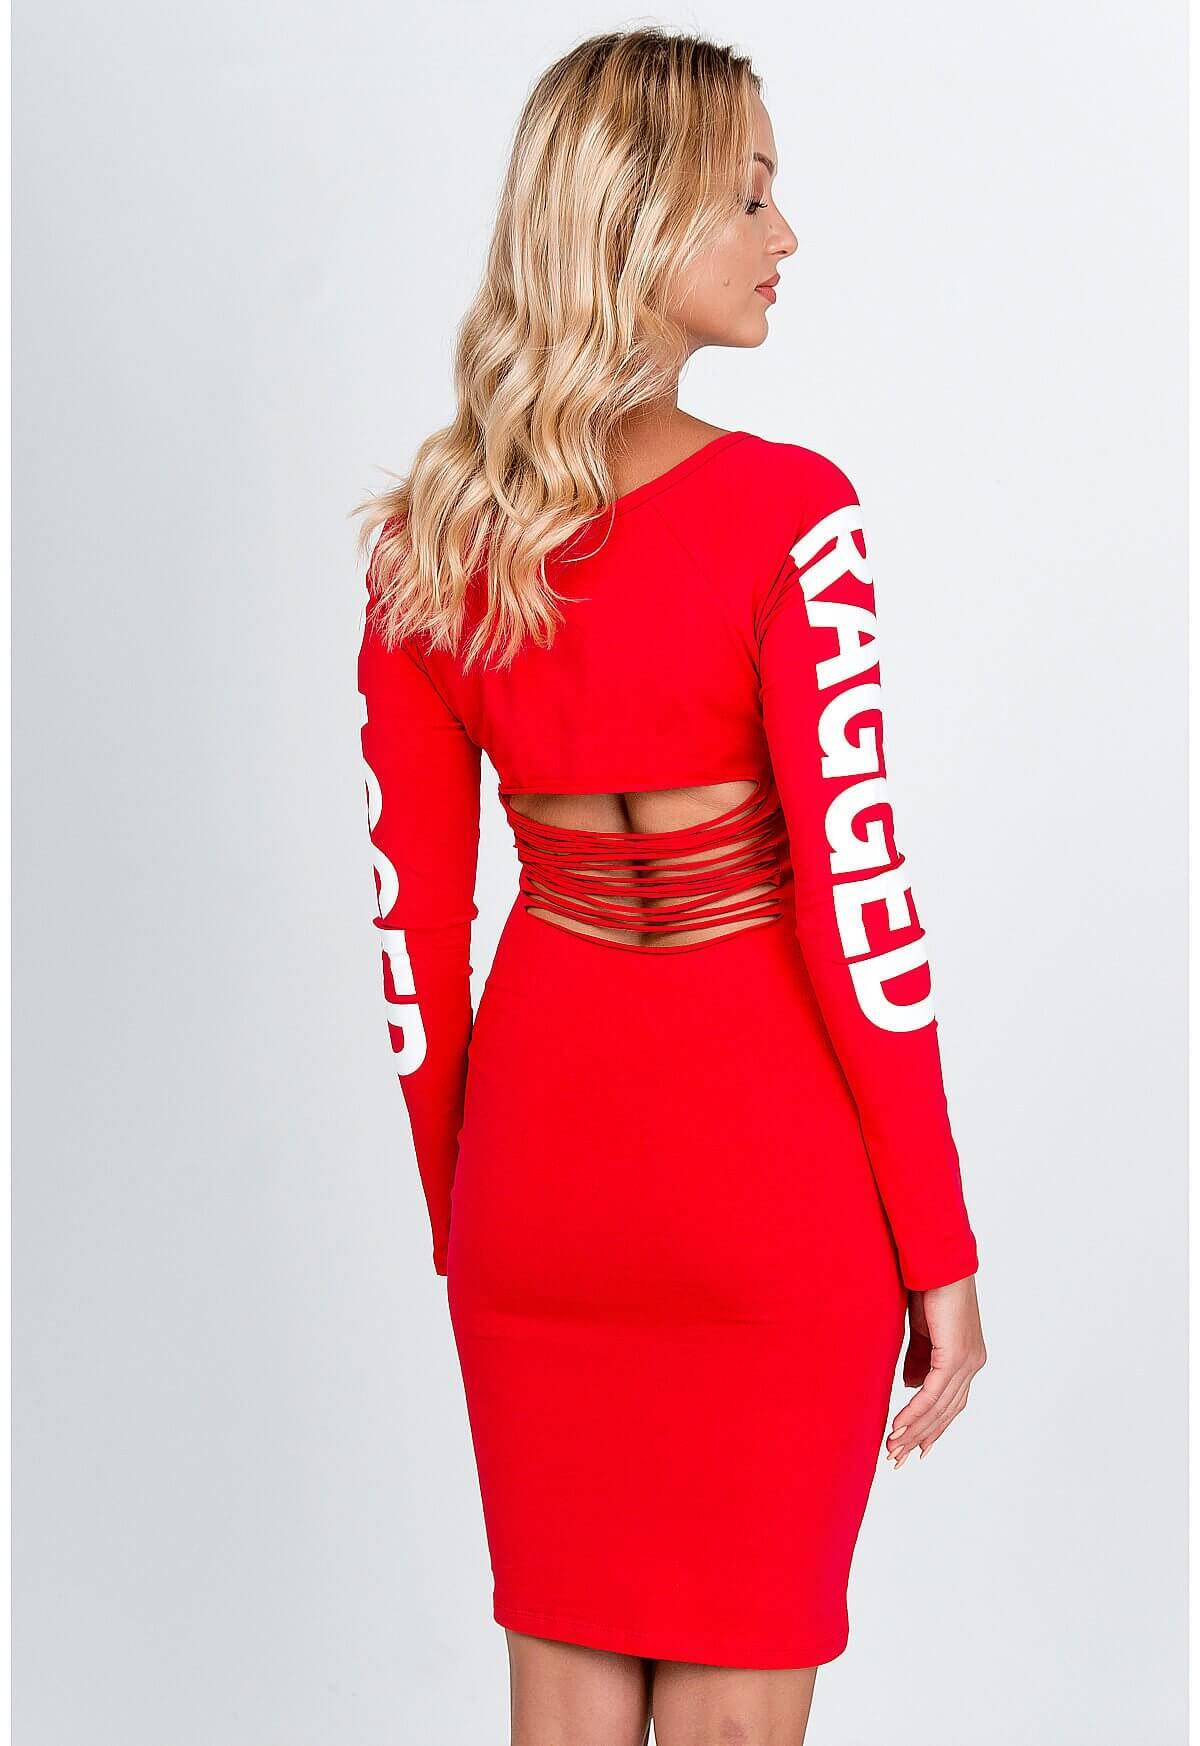 Štýlové krátke červené šaty s nápisom